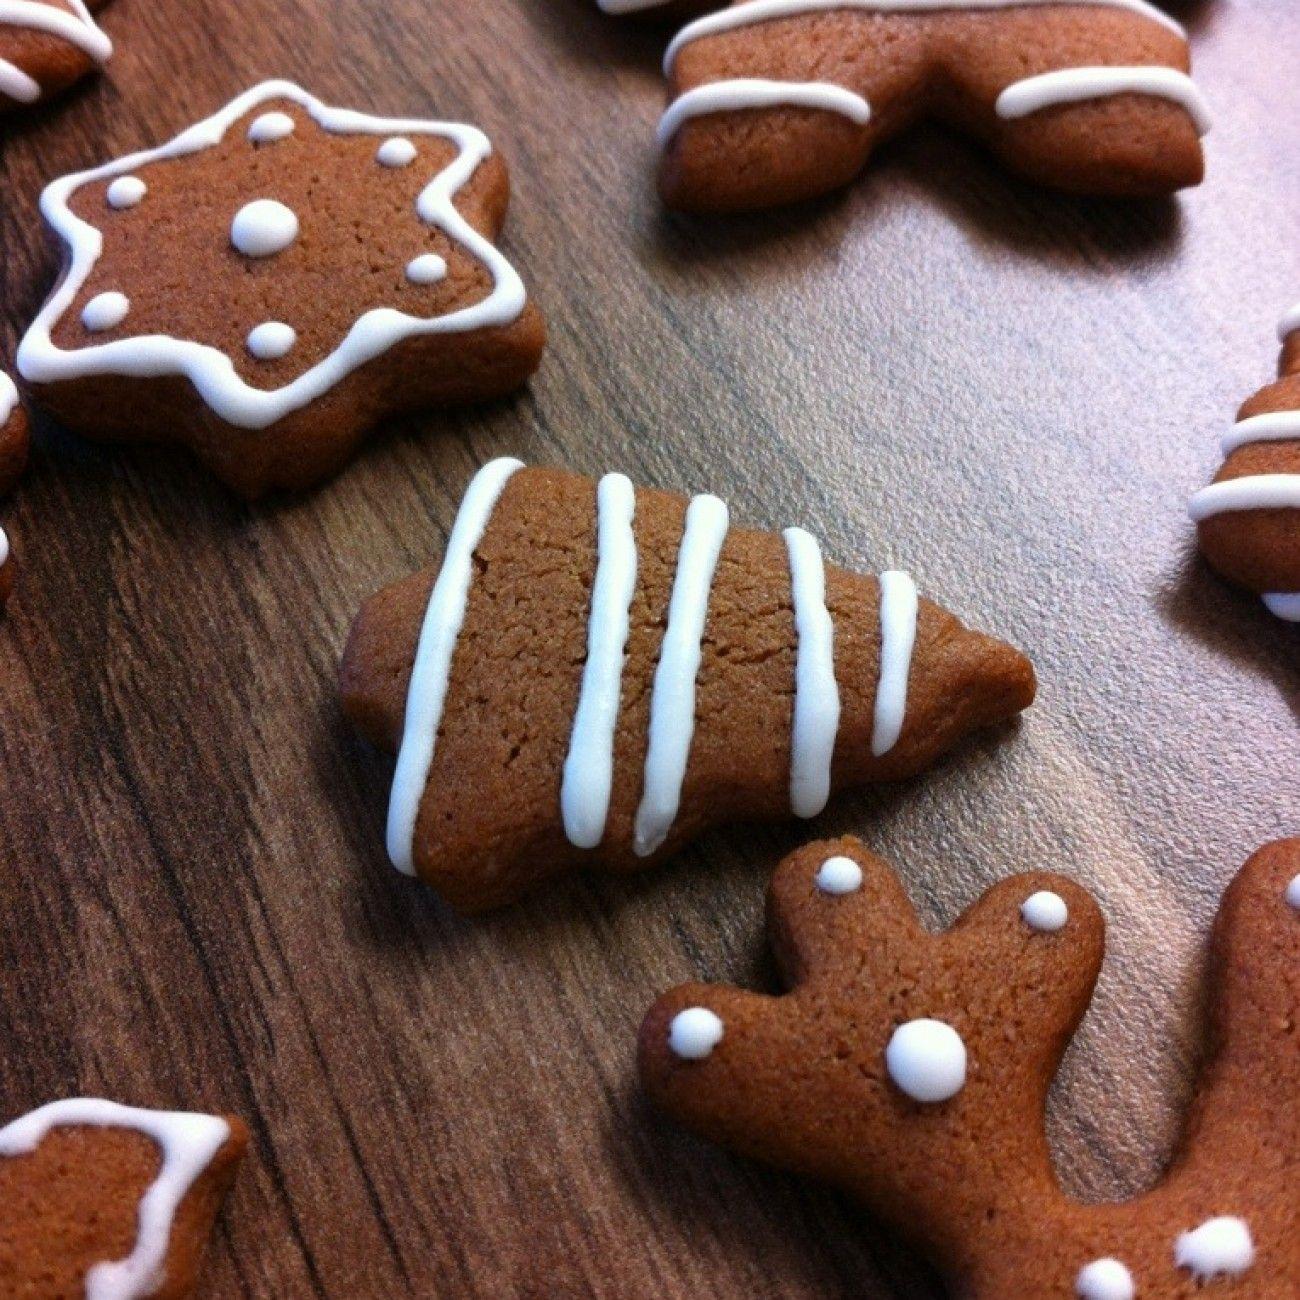 gew rzkekse zum ausstechen auch f r kinder toll weihnachten kekse pl tzchen und kuchen. Black Bedroom Furniture Sets. Home Design Ideas